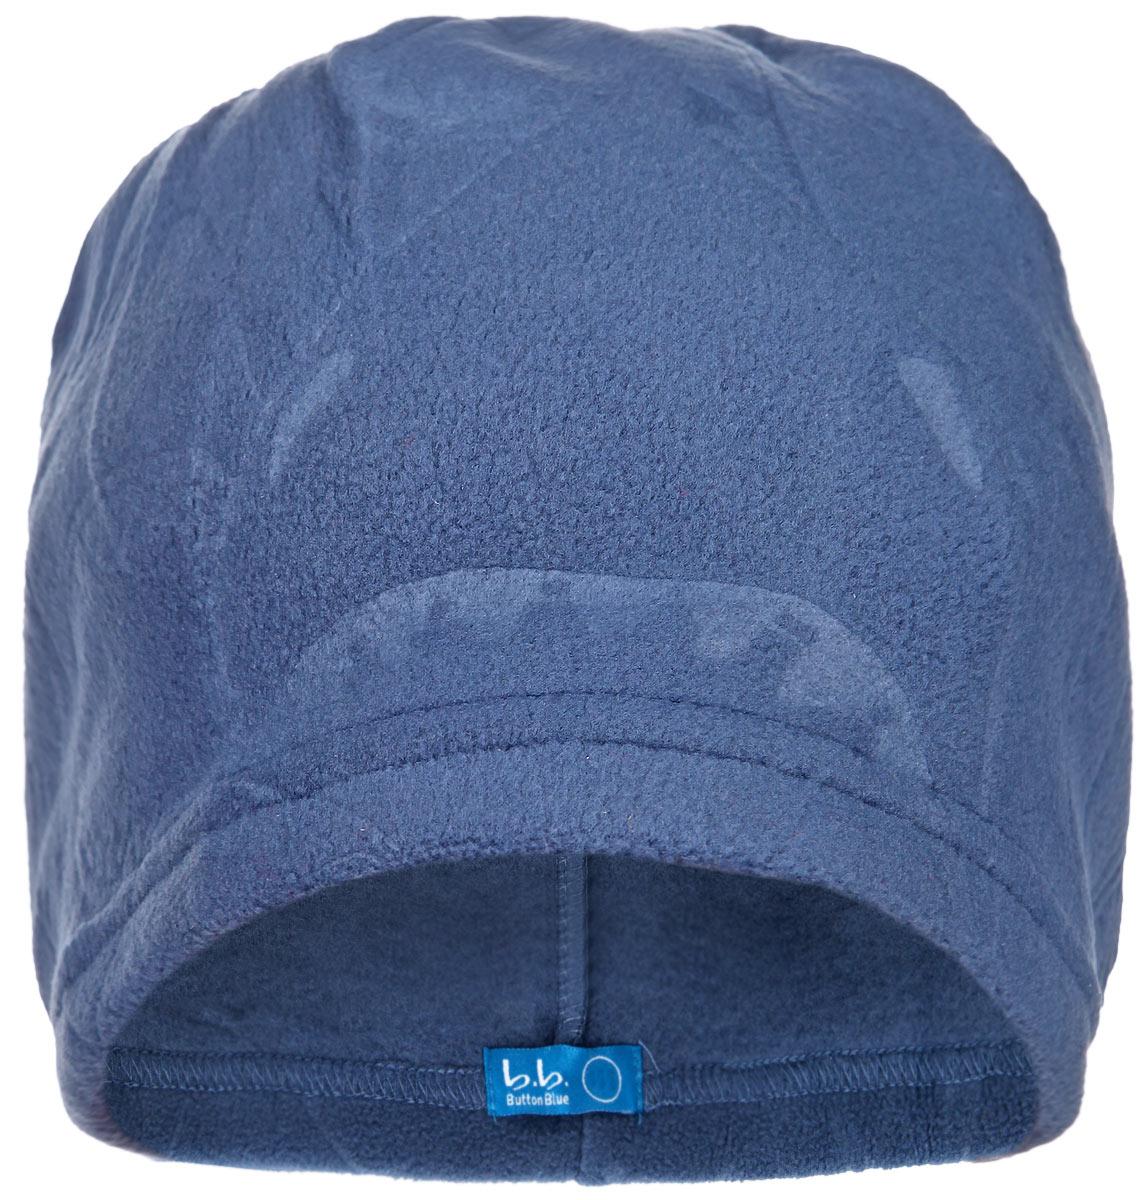 Шапка для мальчика. 116BBBB7307116BBBB7307Шапка для мальчика Button Blue отлично подойдет для прогулок в прохладное время года. Изделие, изготовленное из мягкого флиса, максимально сохраняет тепло, плотно прилегает к голове ребенка. Модель оформлена фактурным принтом с изображением акул. Современный дизайн и расцветка делают эту шапку модным и стильным предметом детского гардероба. В ней ребенку будет уютно и комфортно. Уважаемые клиенты! Размер, доступный для заказа, является обхватом головы.